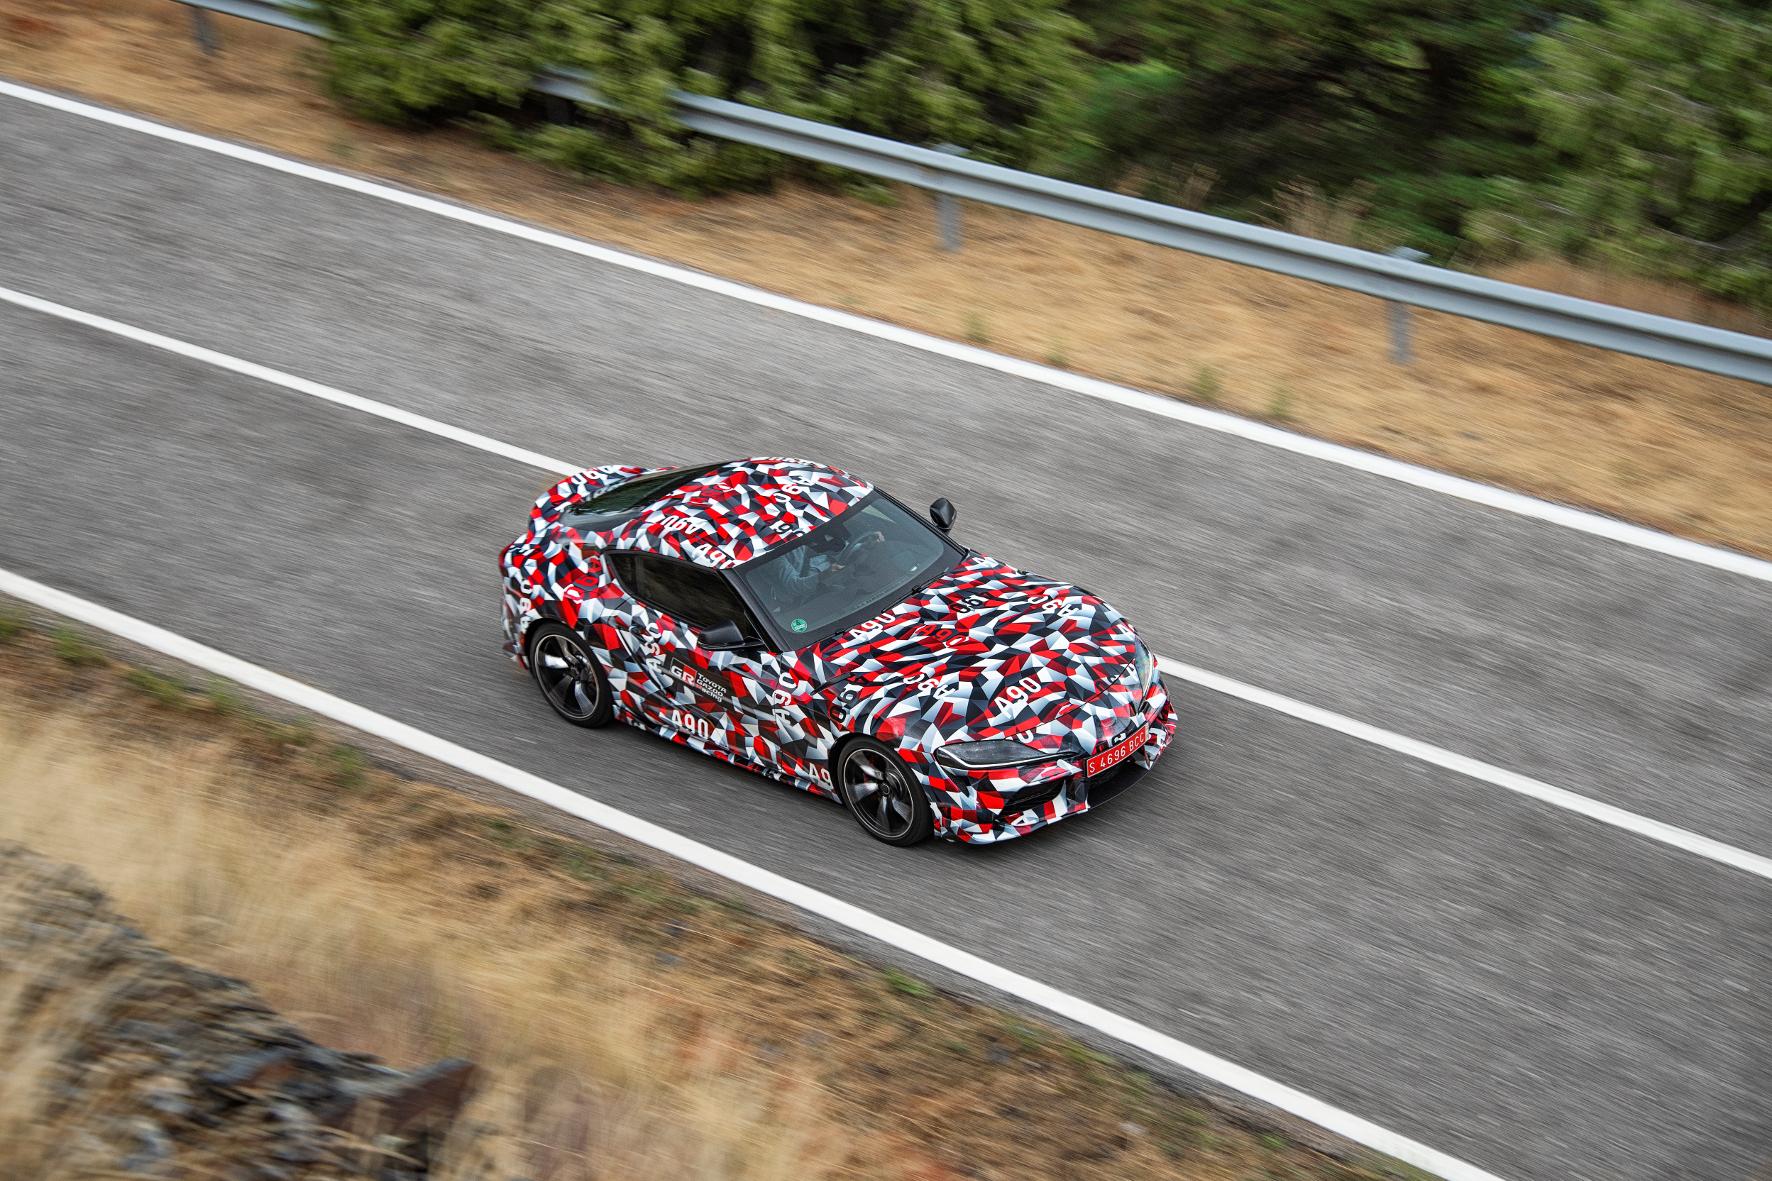 Mit mehr als 300 PS spurtet der Toyota Supra über die Piste.